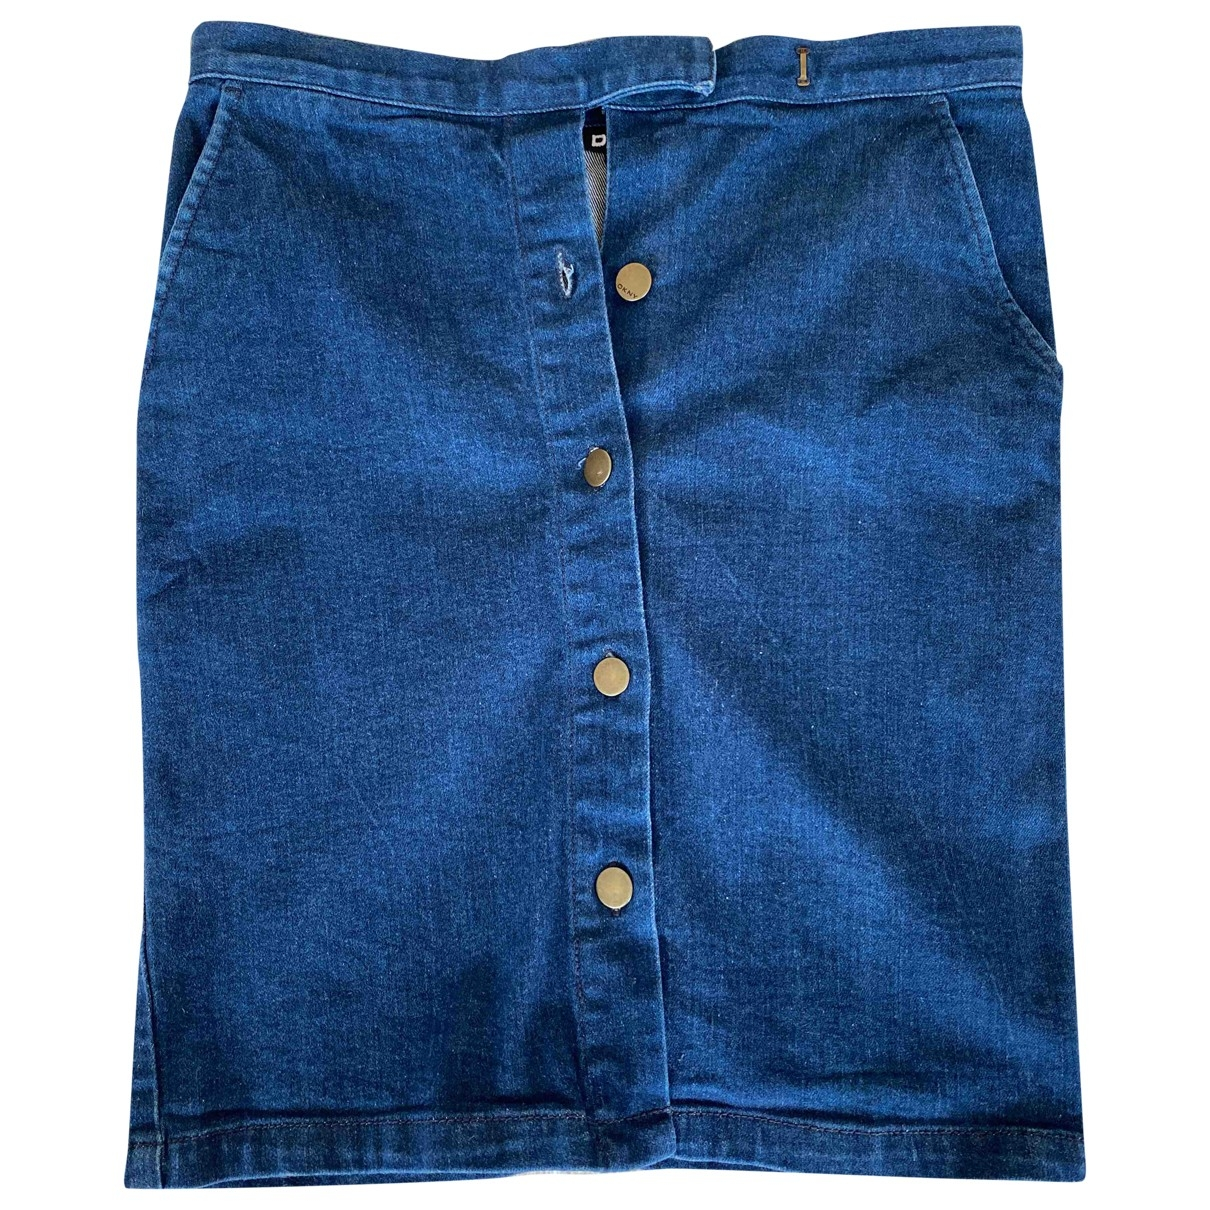 Dkny \N Blue Denim - Jeans skirt for Women 6 US